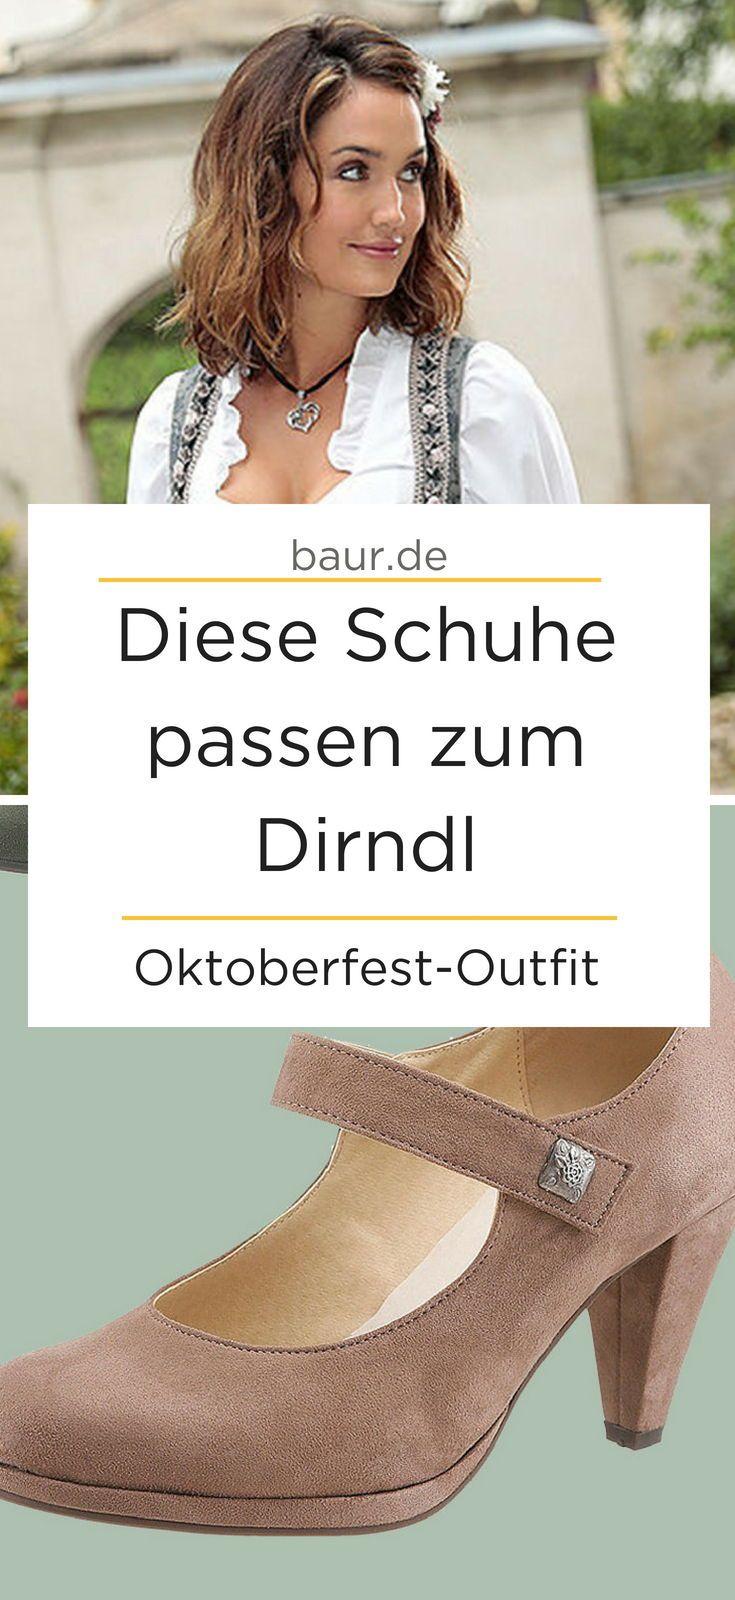 6e5d245278 Schuhe zum Dirndl – sieben Tipps fürs Oktoberfest Welche Schuhe zum Dirndl  passen? Die fünfte